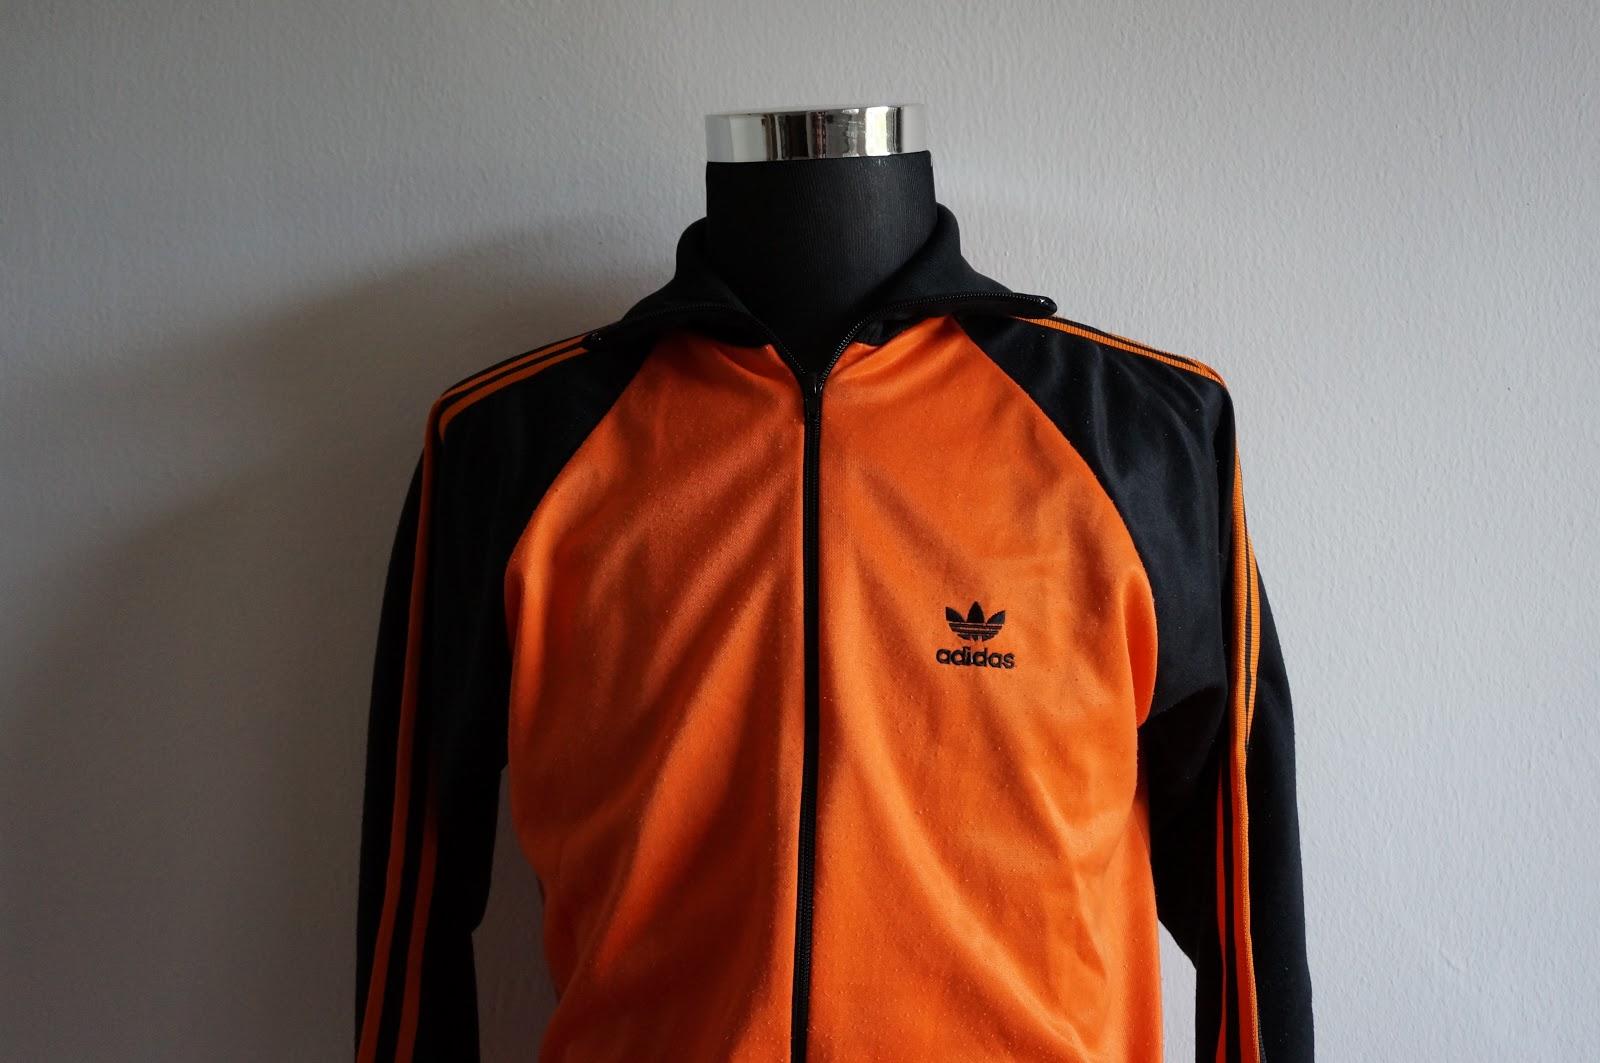 jaket adidas merah - photo #23